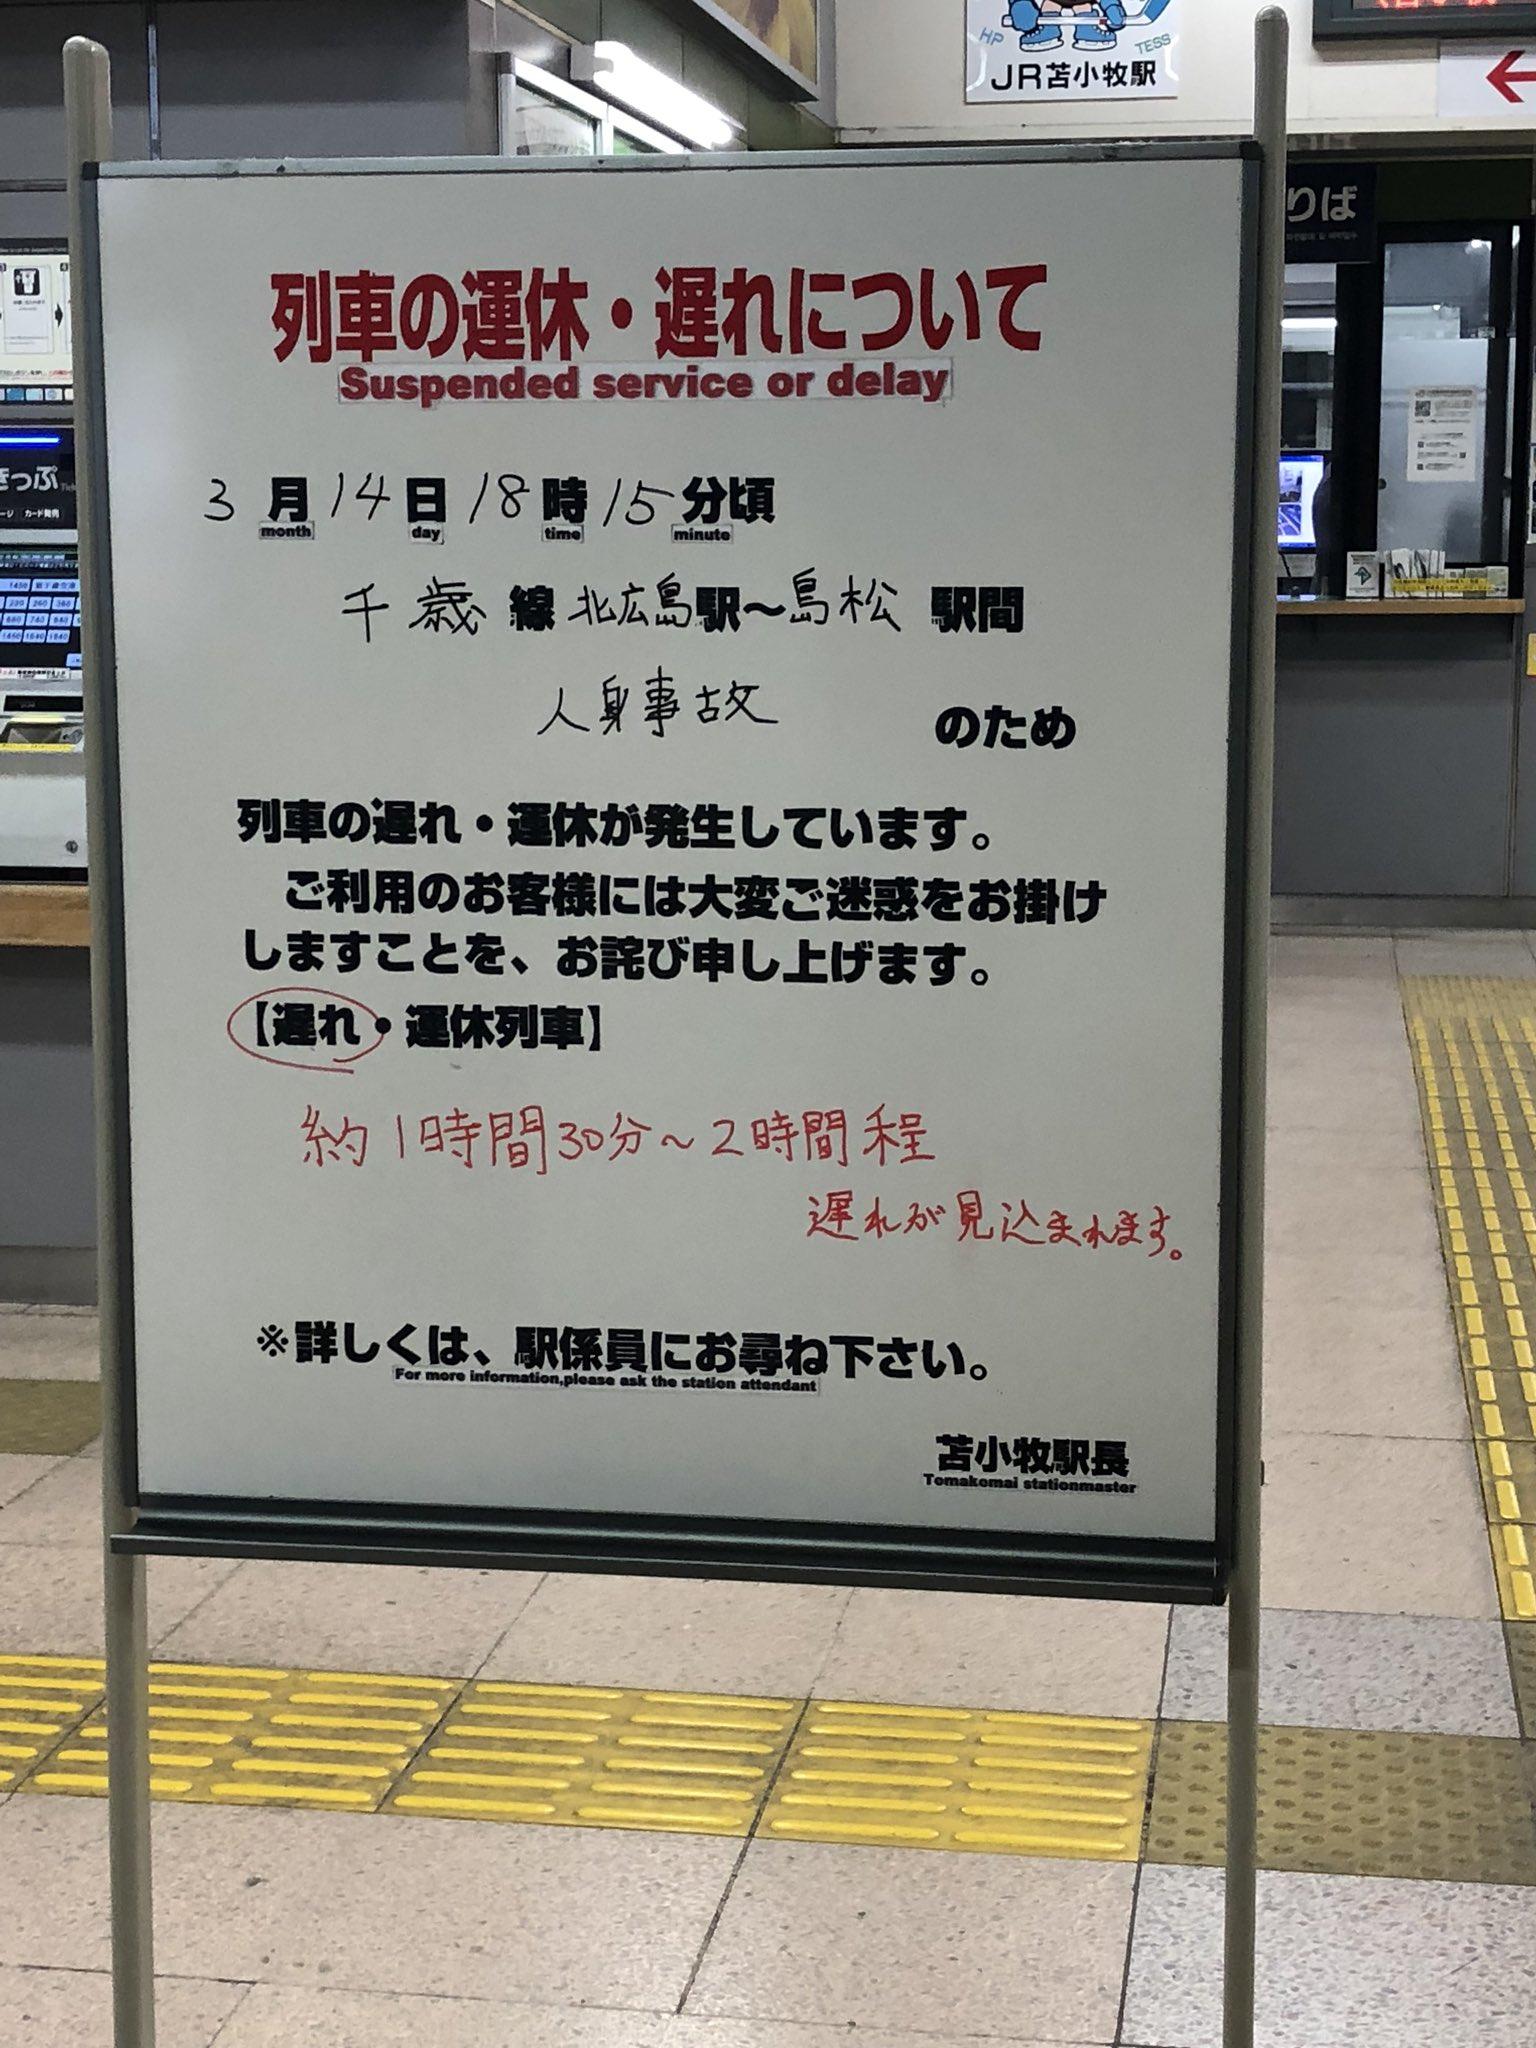 画像,たった今北広島で人身事故……… https://t.co/D5ajWbvgQr。